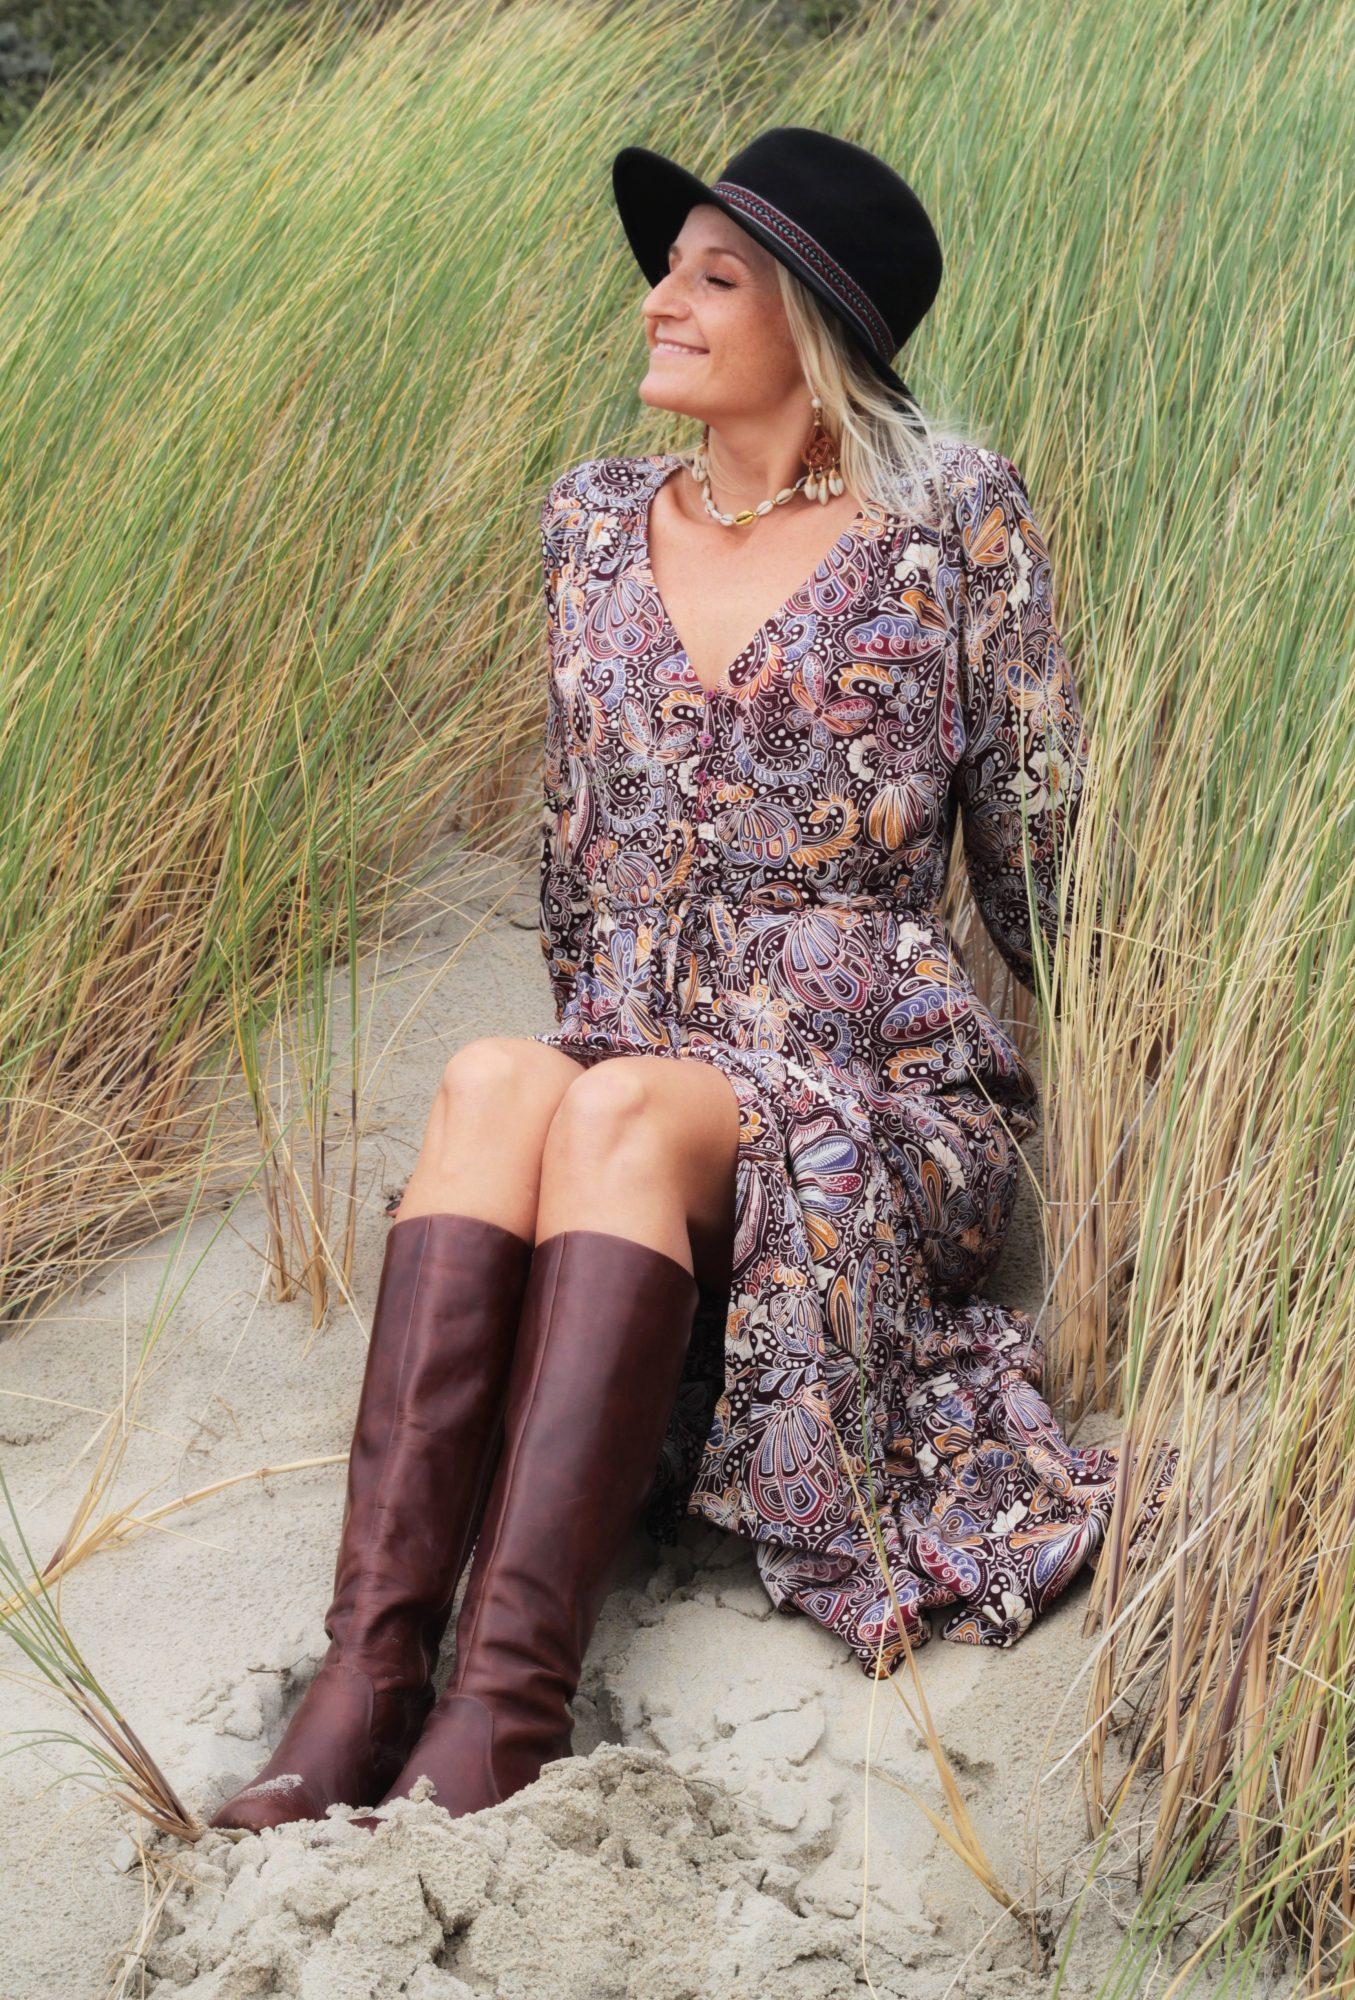 Modern Hippie Boho Kleid Braun Weiß Boho Chic herbst Winter Faire Boho Kleidung